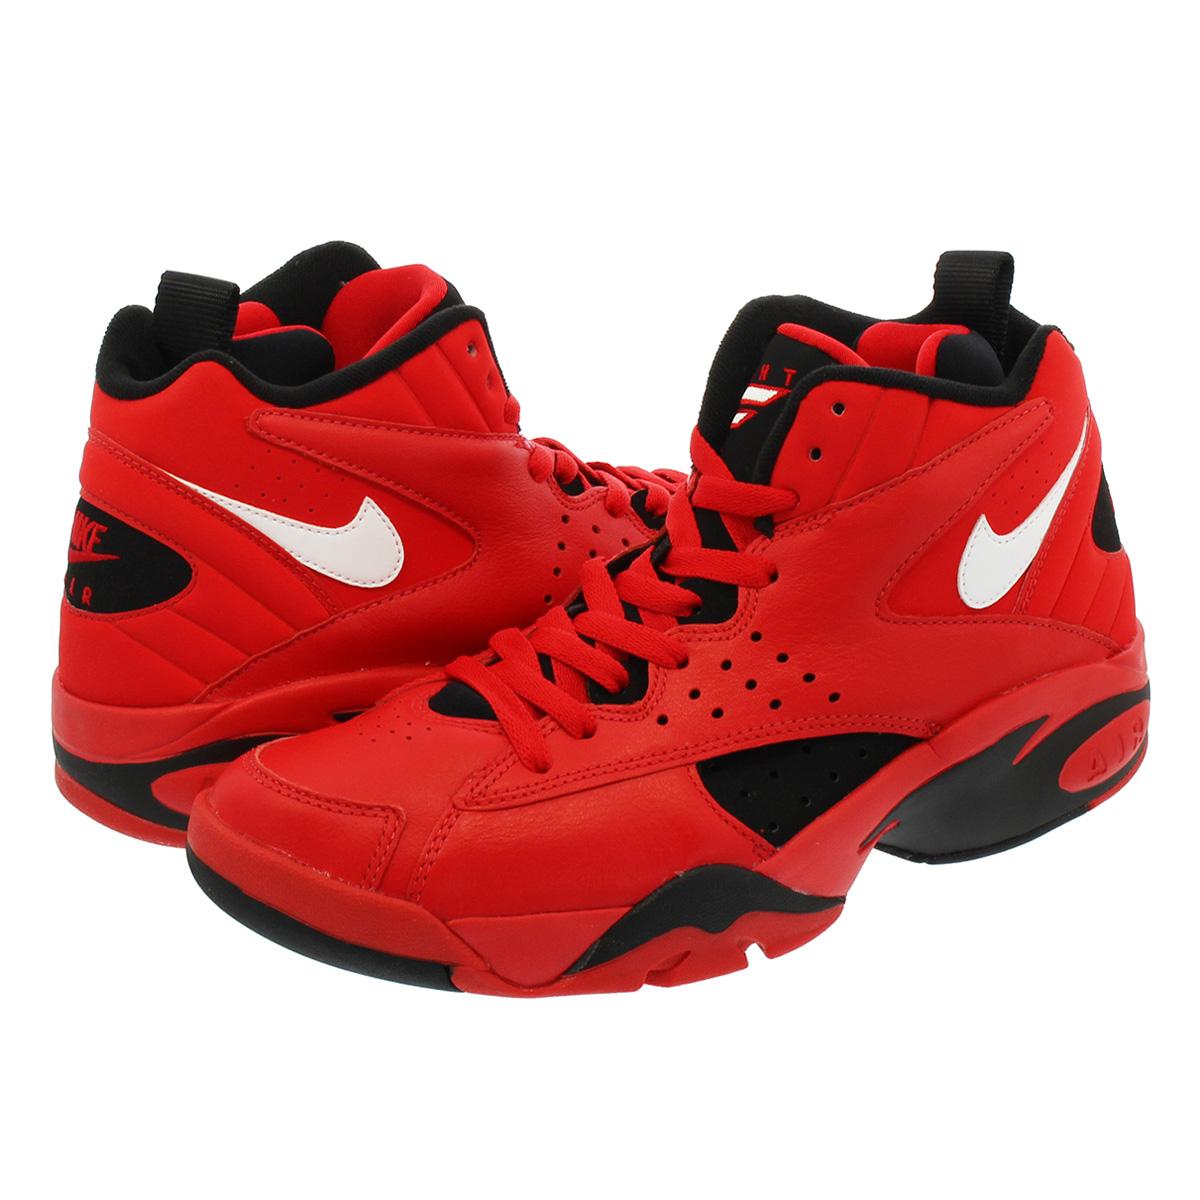 NIKE AIR MAESTRO II QS Nike air maestro 2 QS UNIVERSITY RED WHITE BLACK  aj9281-600 2bf253031